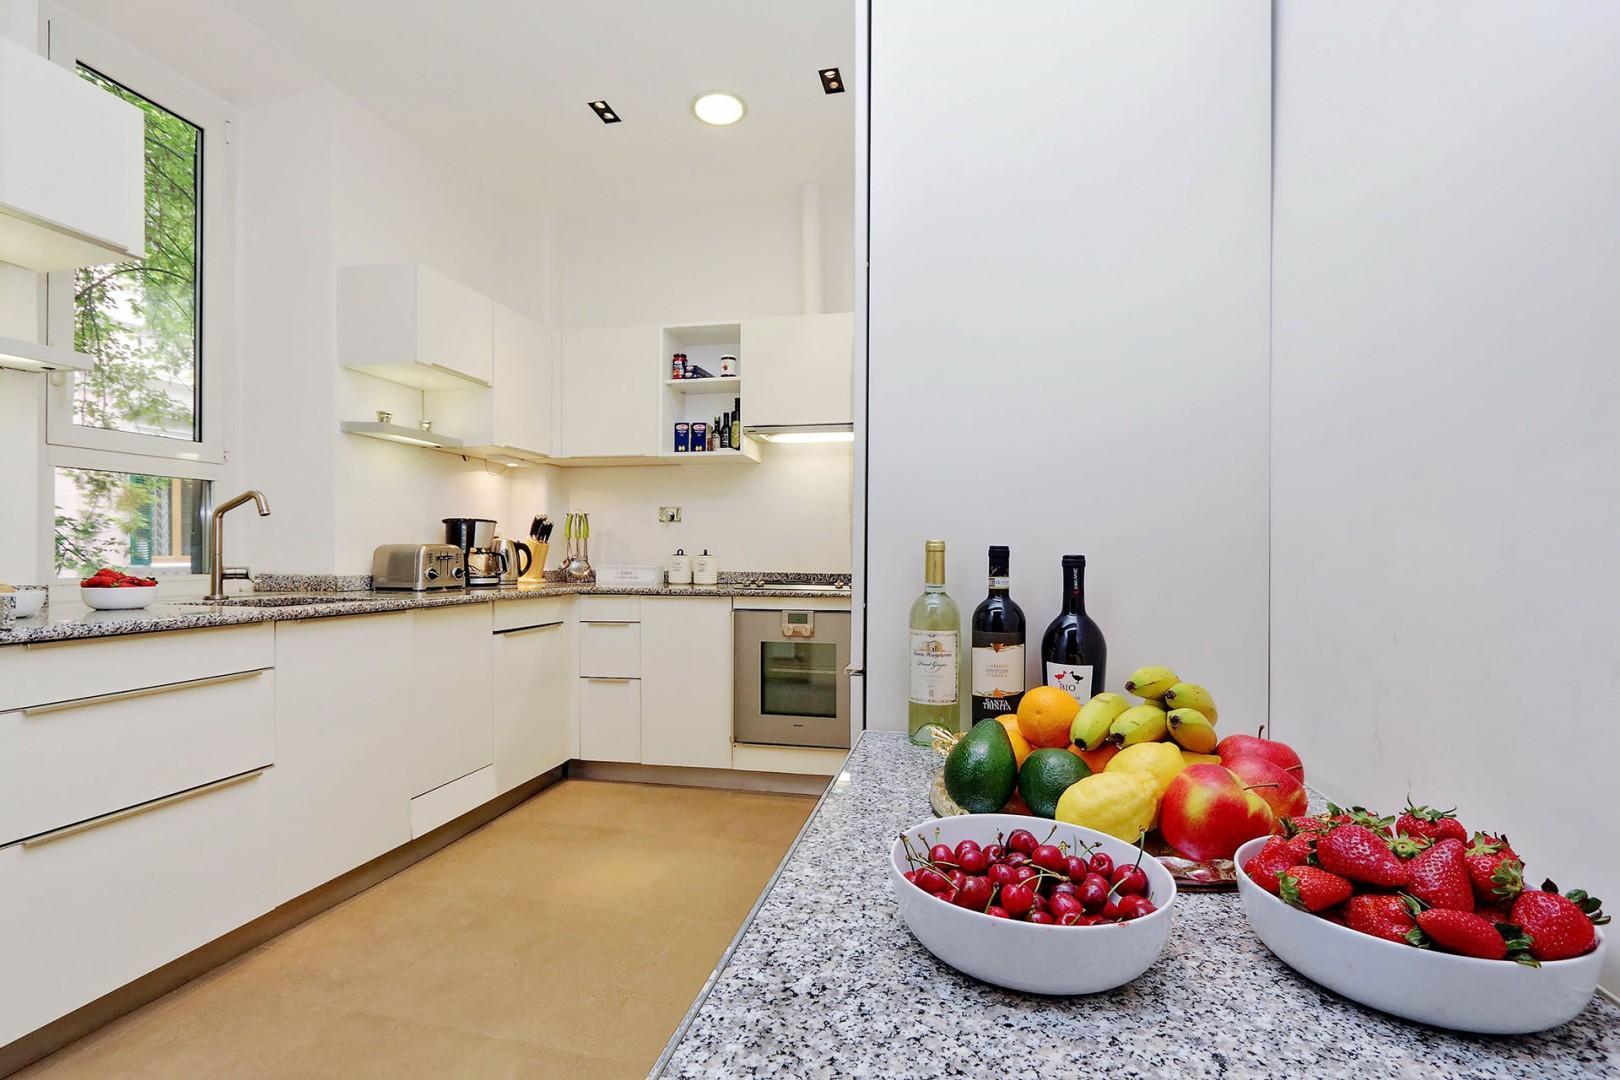 Sleek, clean and bright kitchen.